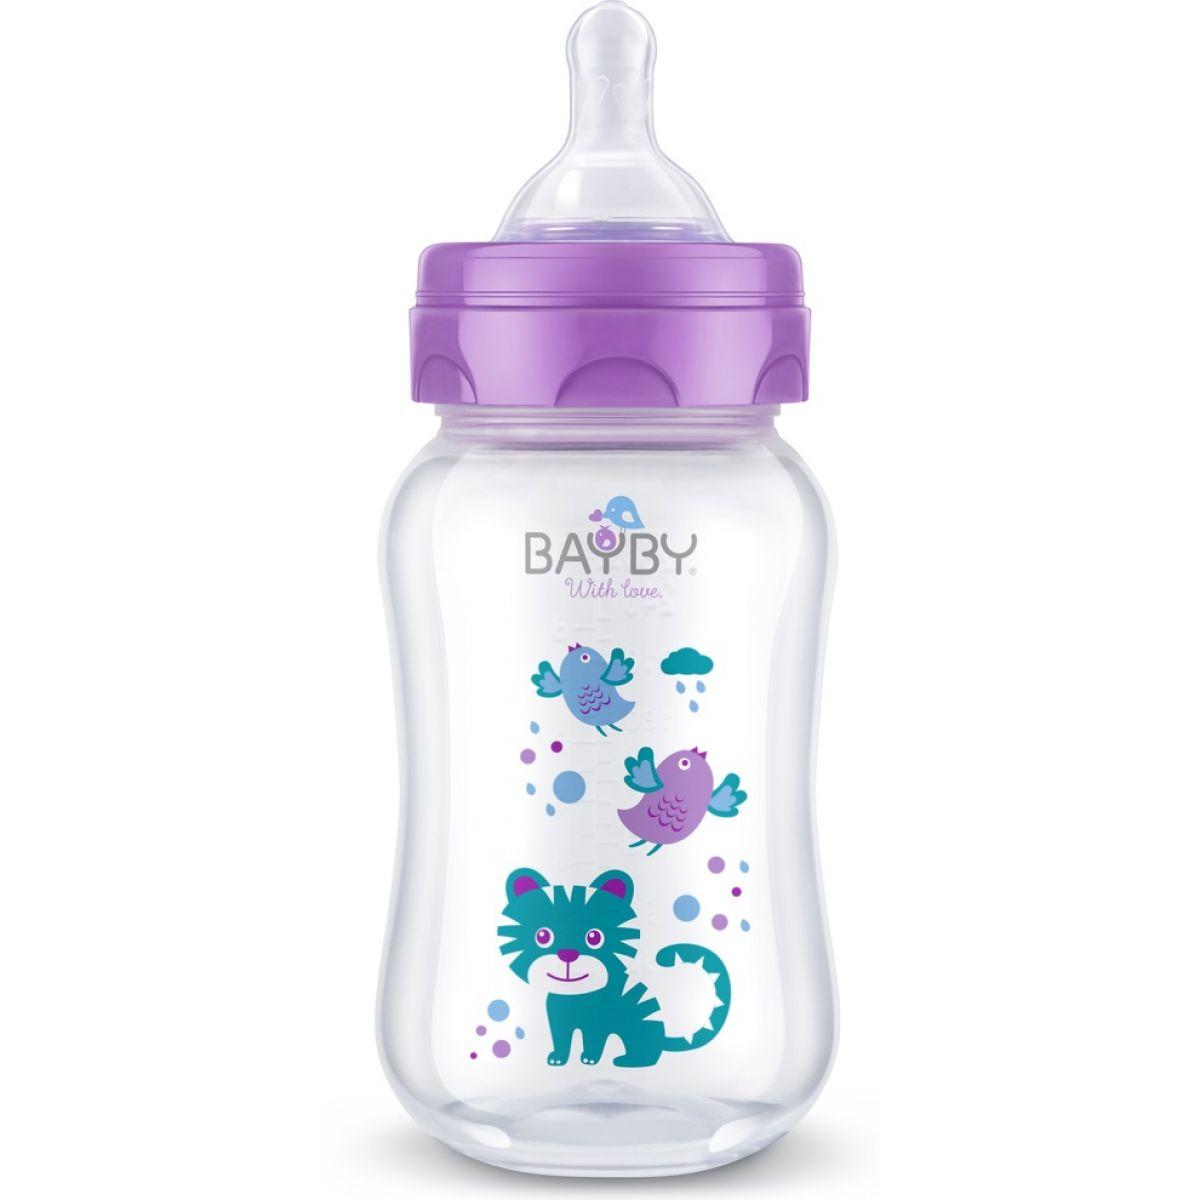 BAYBY Dojčenská fľaša 250ml fialová